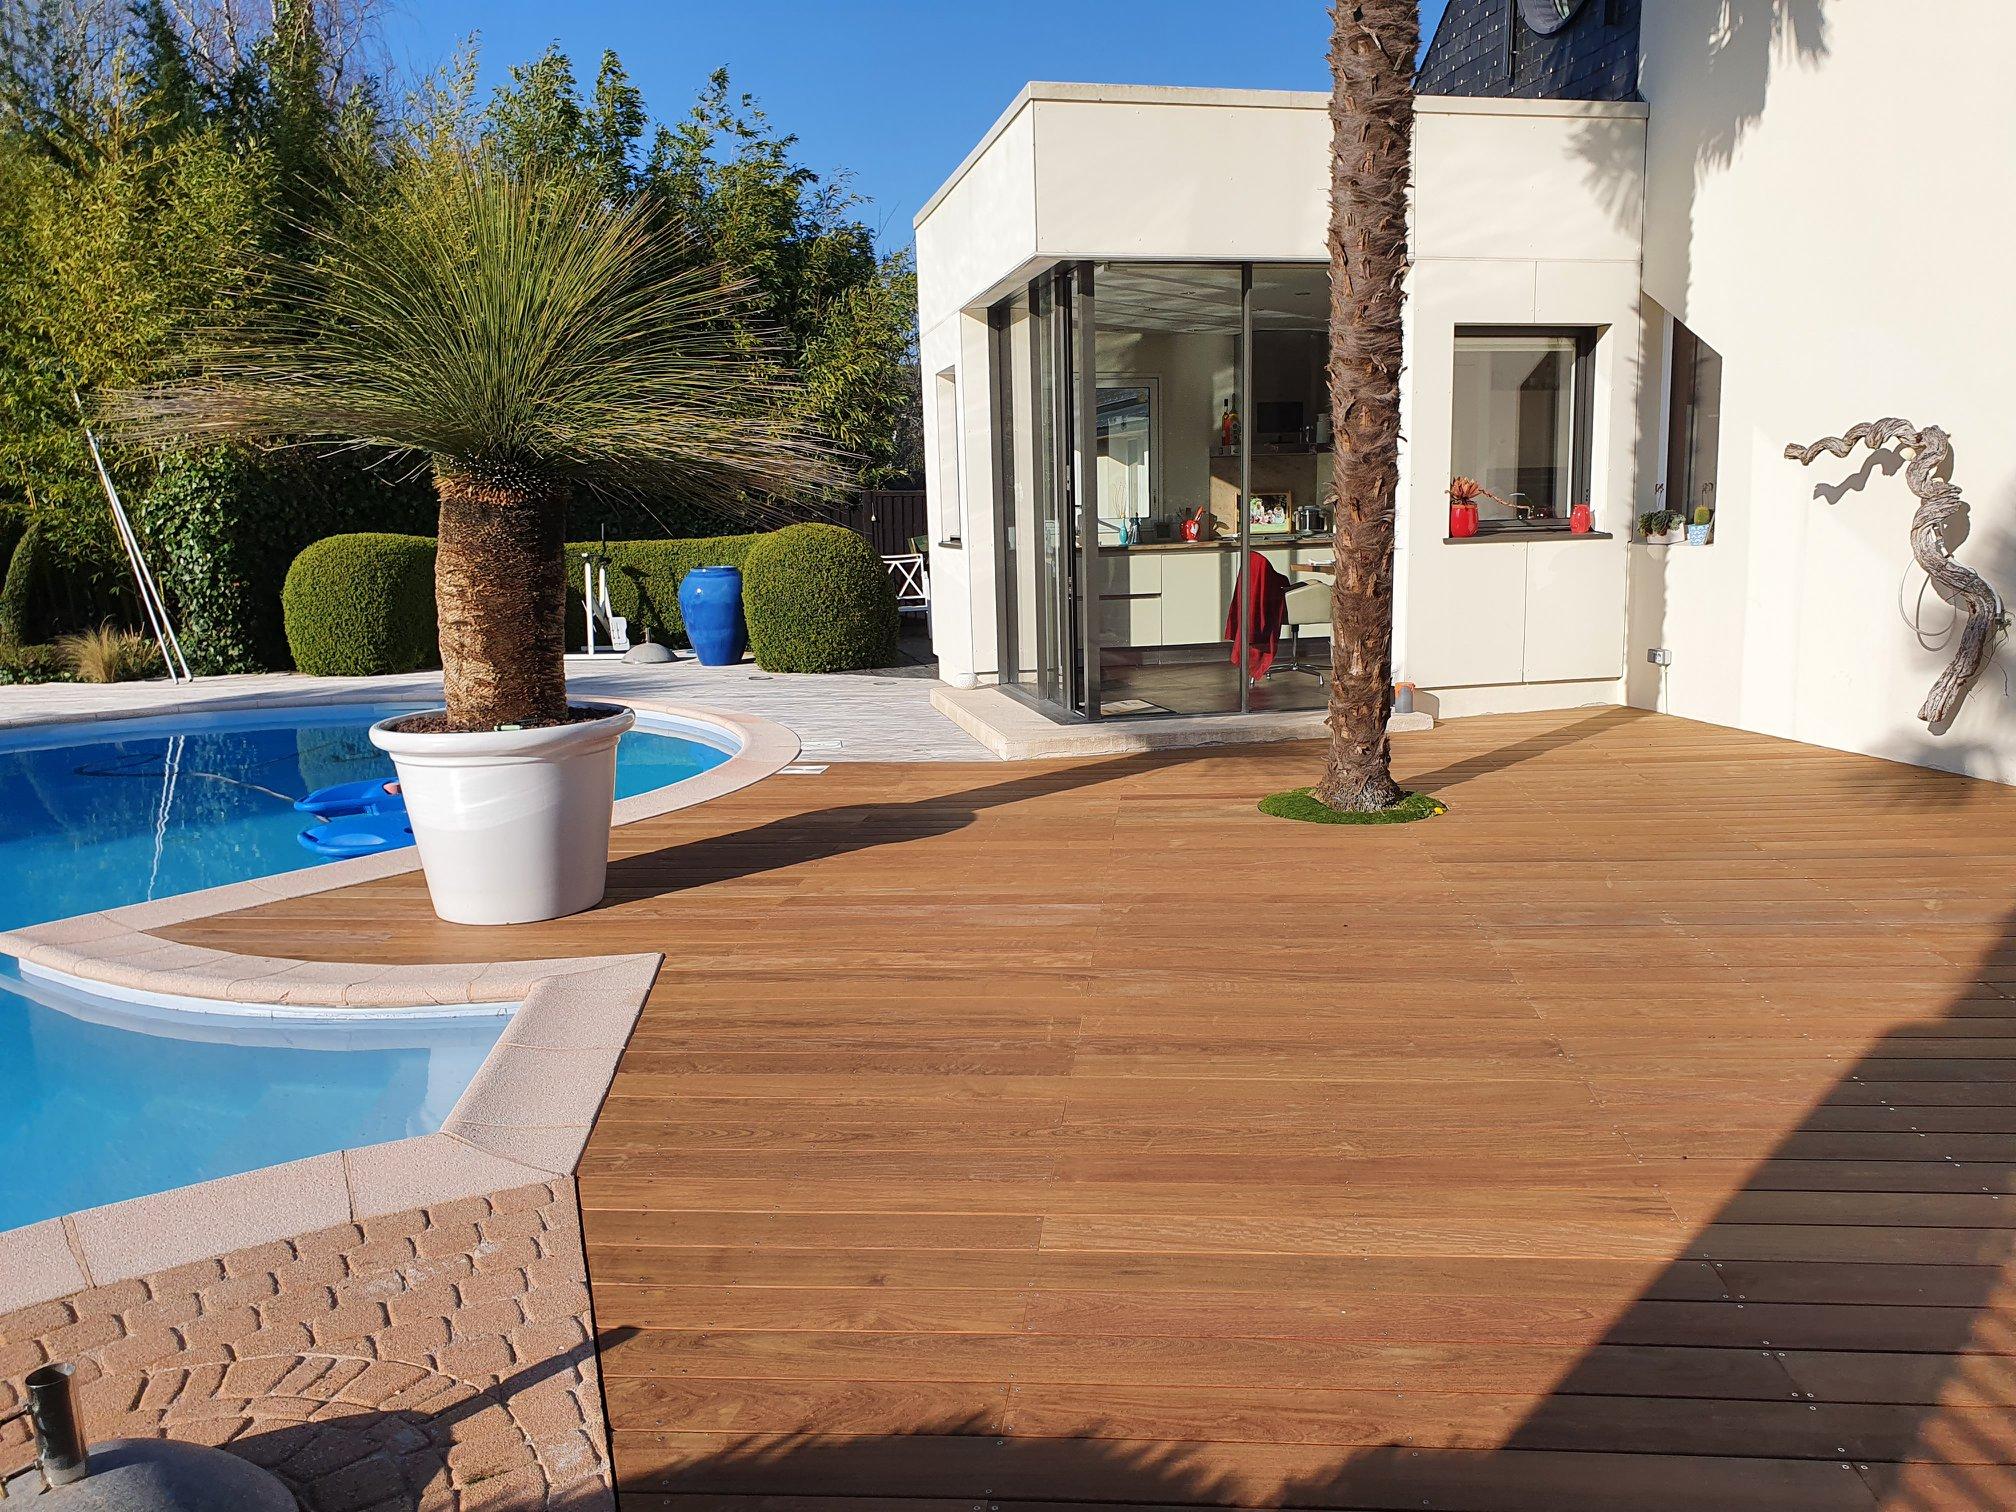 1626336338 985 Realisation dune terrasse en Ipe posee sur plots - Réalisation d'une terrasse en Ipé posée sur plots ...